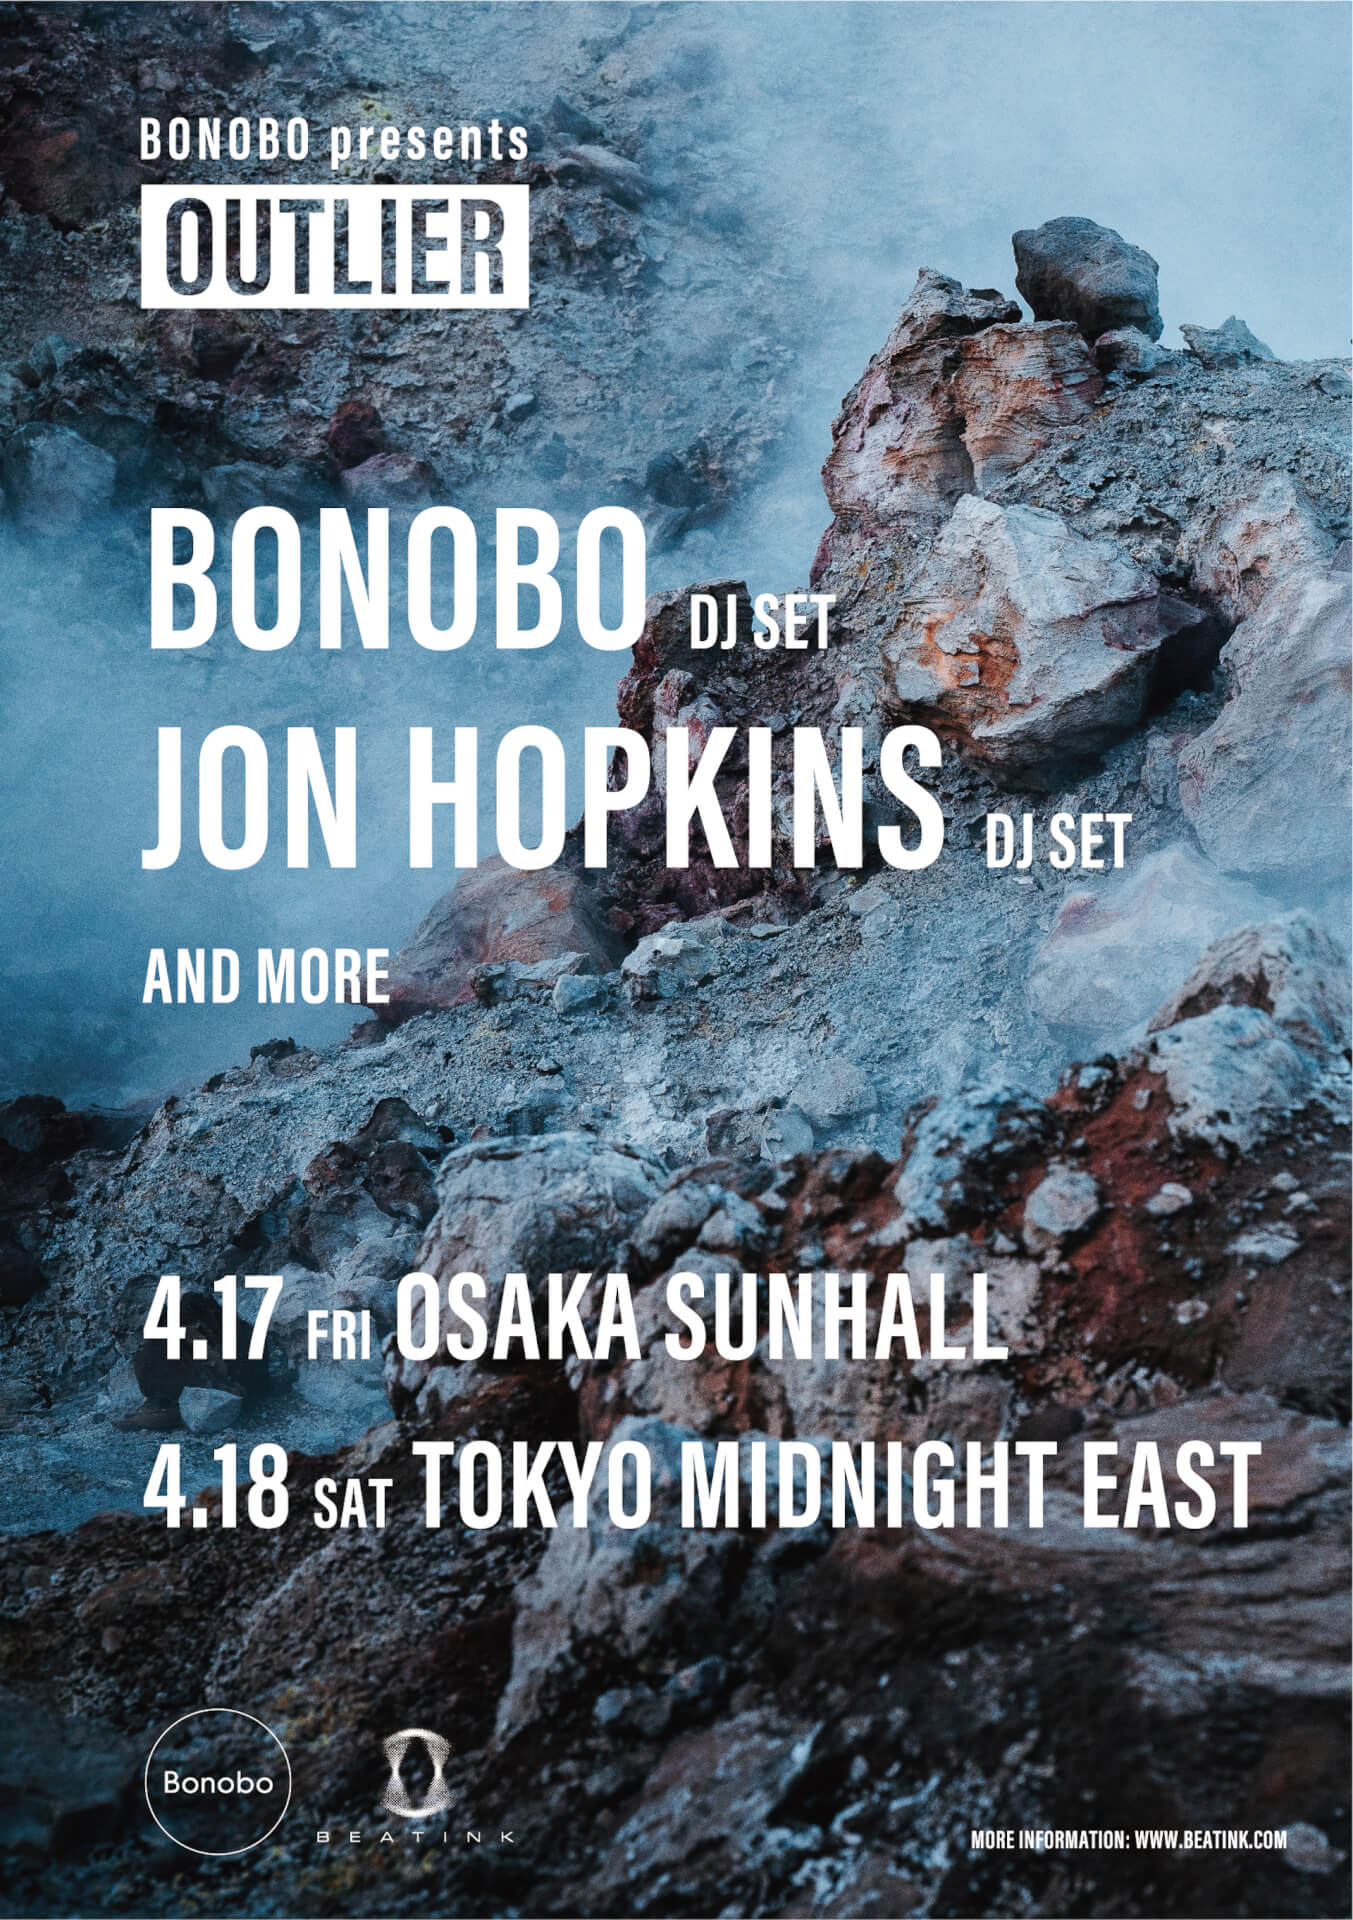 Bonoboがキュレートするイベント<OUTLIER>が大阪・東京で開催決定!ゲストにJon Hopkinsも登場 music200124_bonobooutlier_01